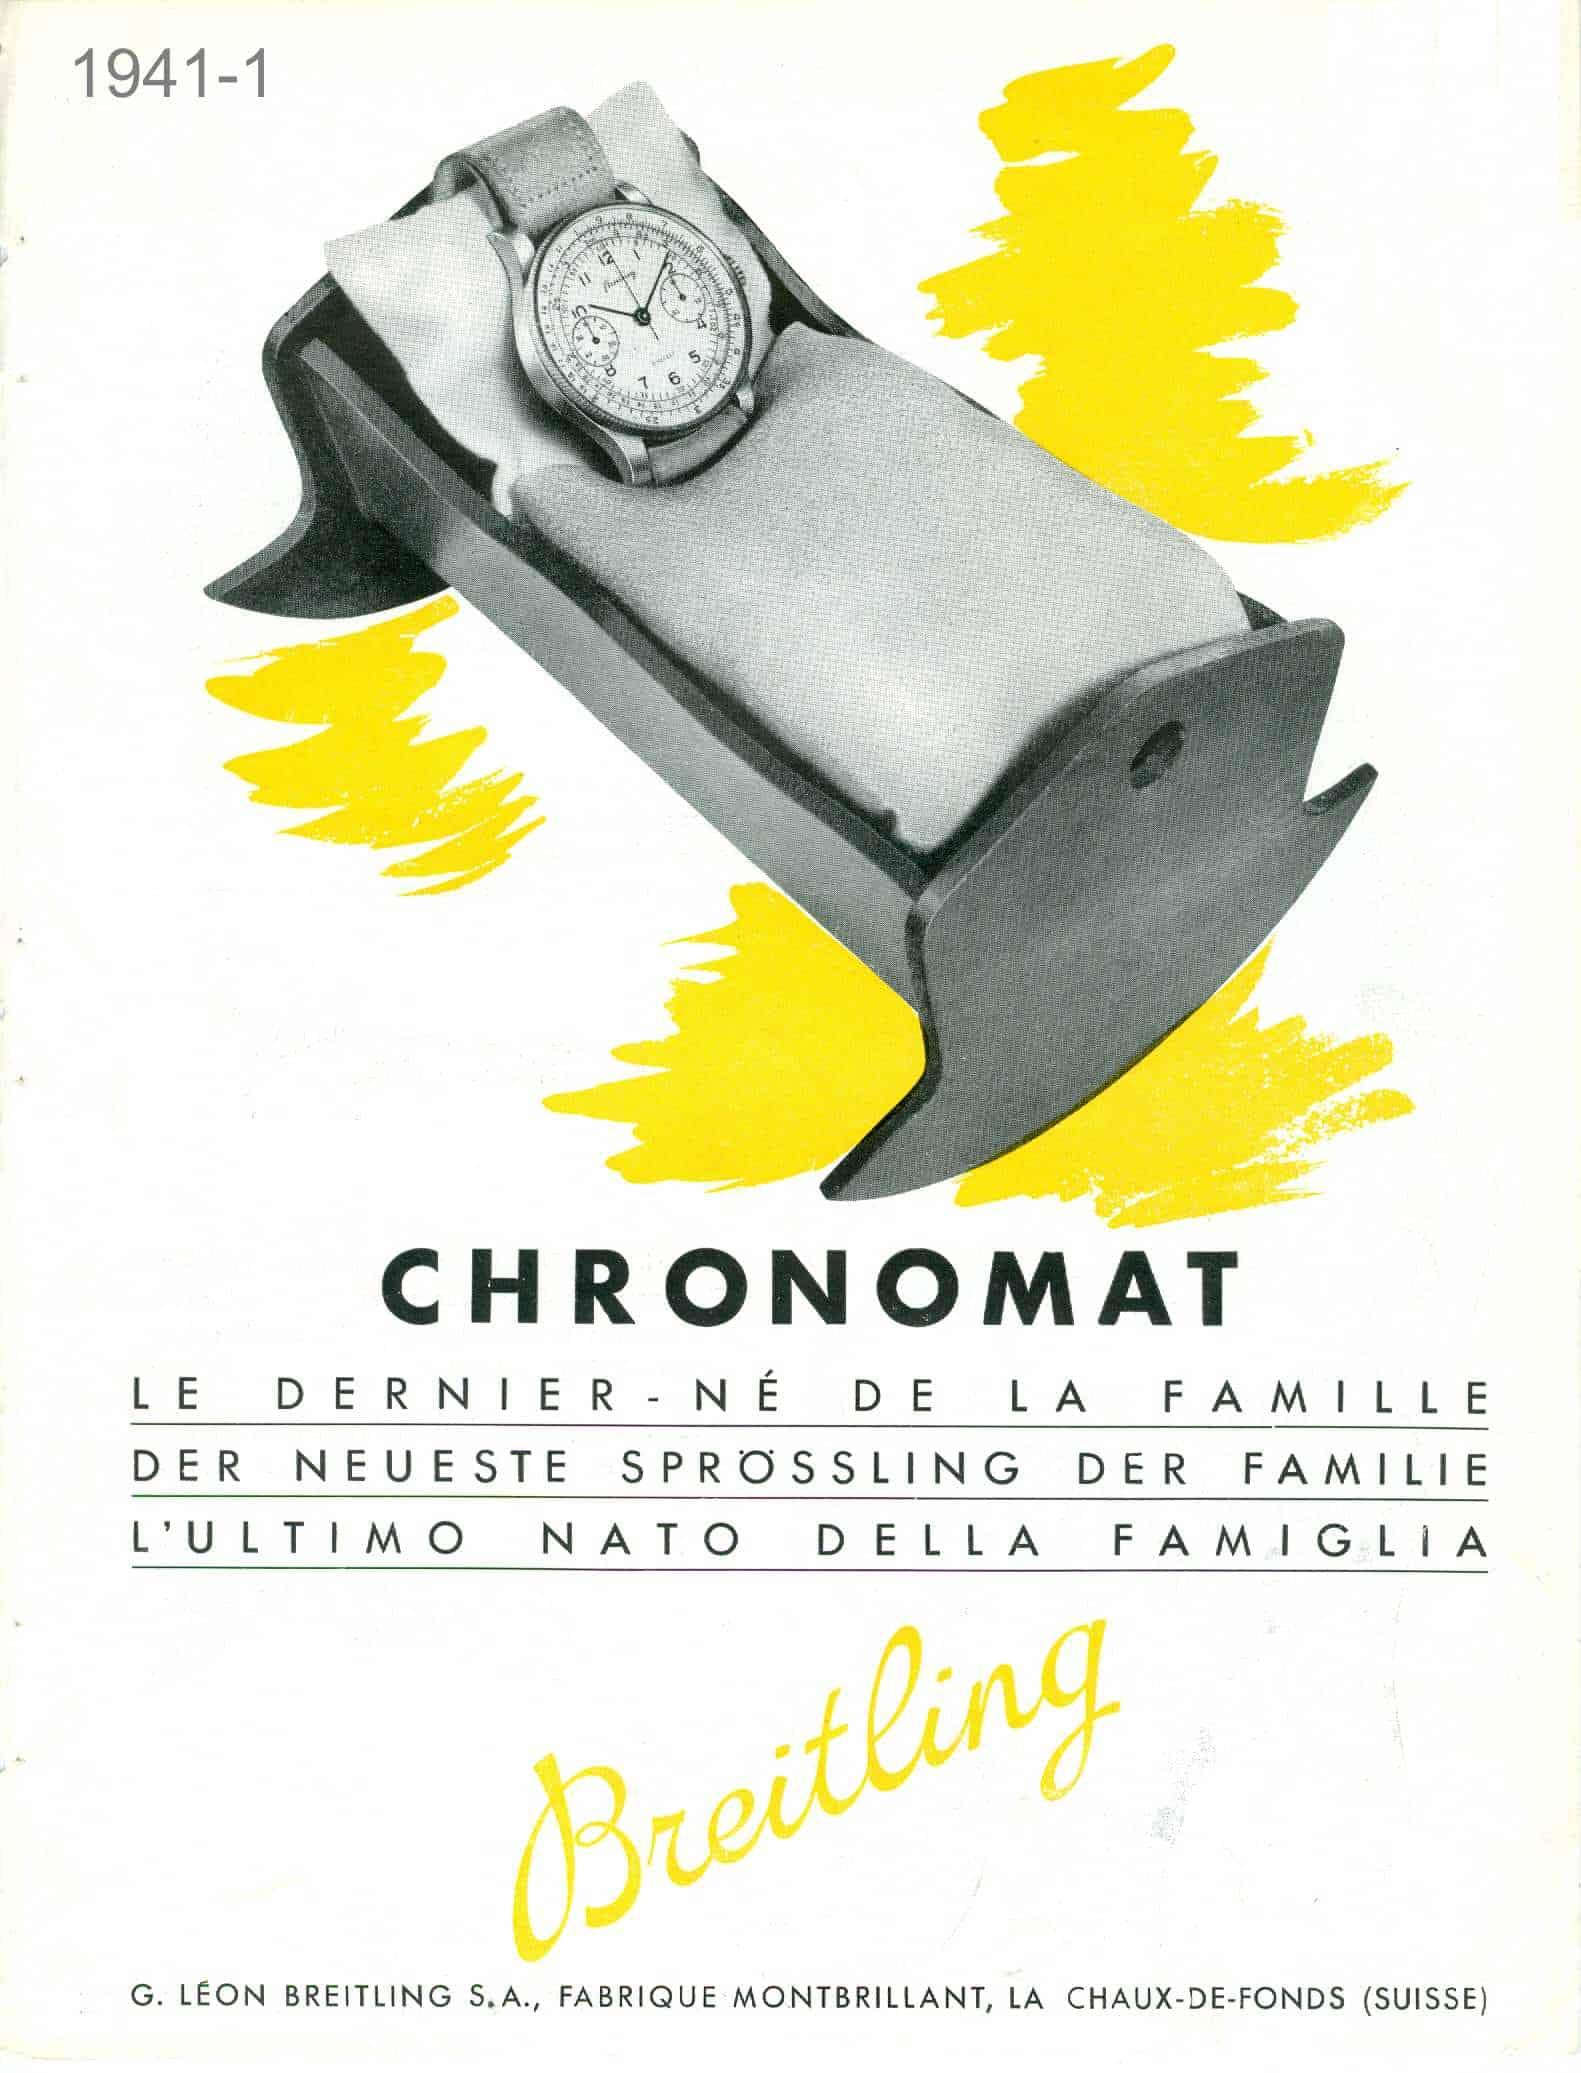 """Eine historische Anzeige für den Breitling """"Chronomat"""" Chronographen aus dem Jahr 1941"""